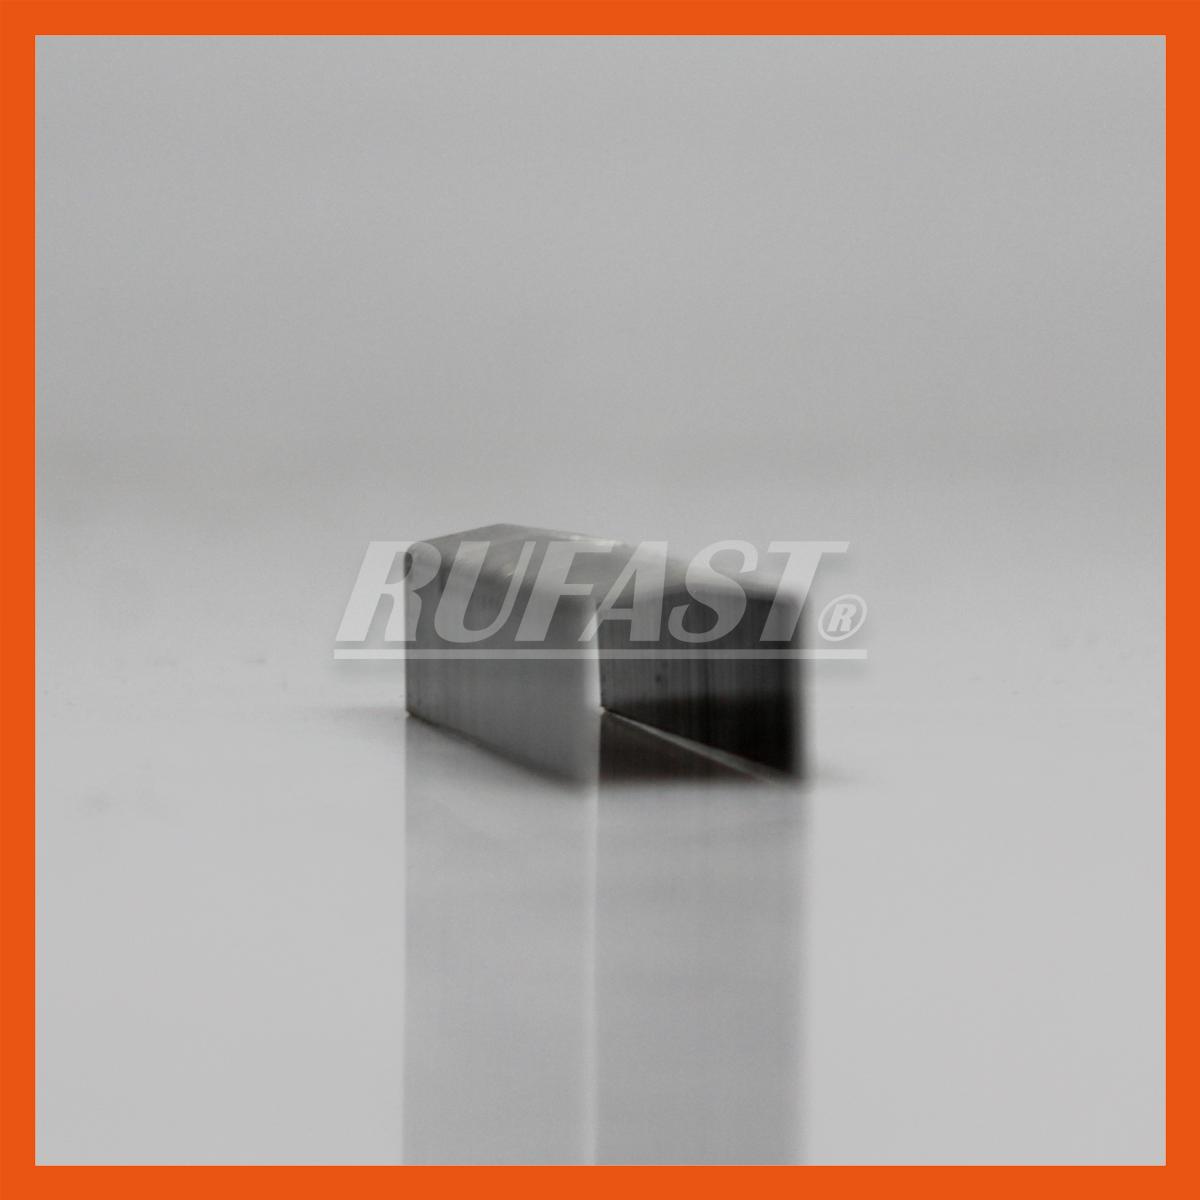 STCR-serie nieten 6 en 10 mm gegalvaniseerd